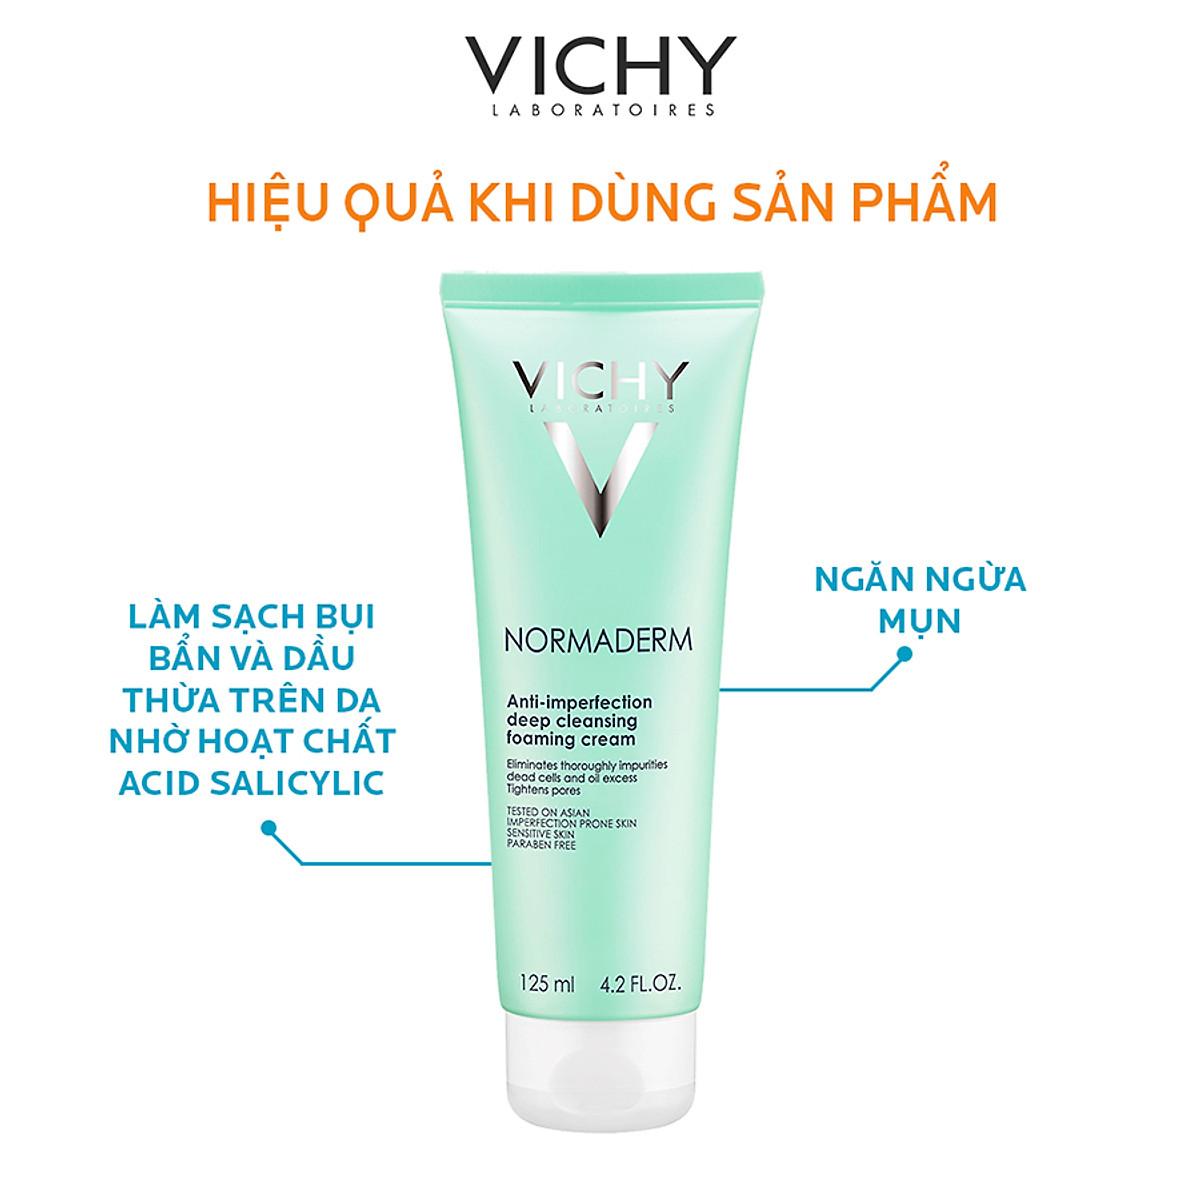 Sữa Rửa Mặt Tạo Bọt Ngăn Ngừa Mụn Và Se Khít Lỗ Chân Lông VICHY Normaderm Anti-perfection Deep Cleansing Foaming Cream (125ml) - TẶNG MÓC KHÓA